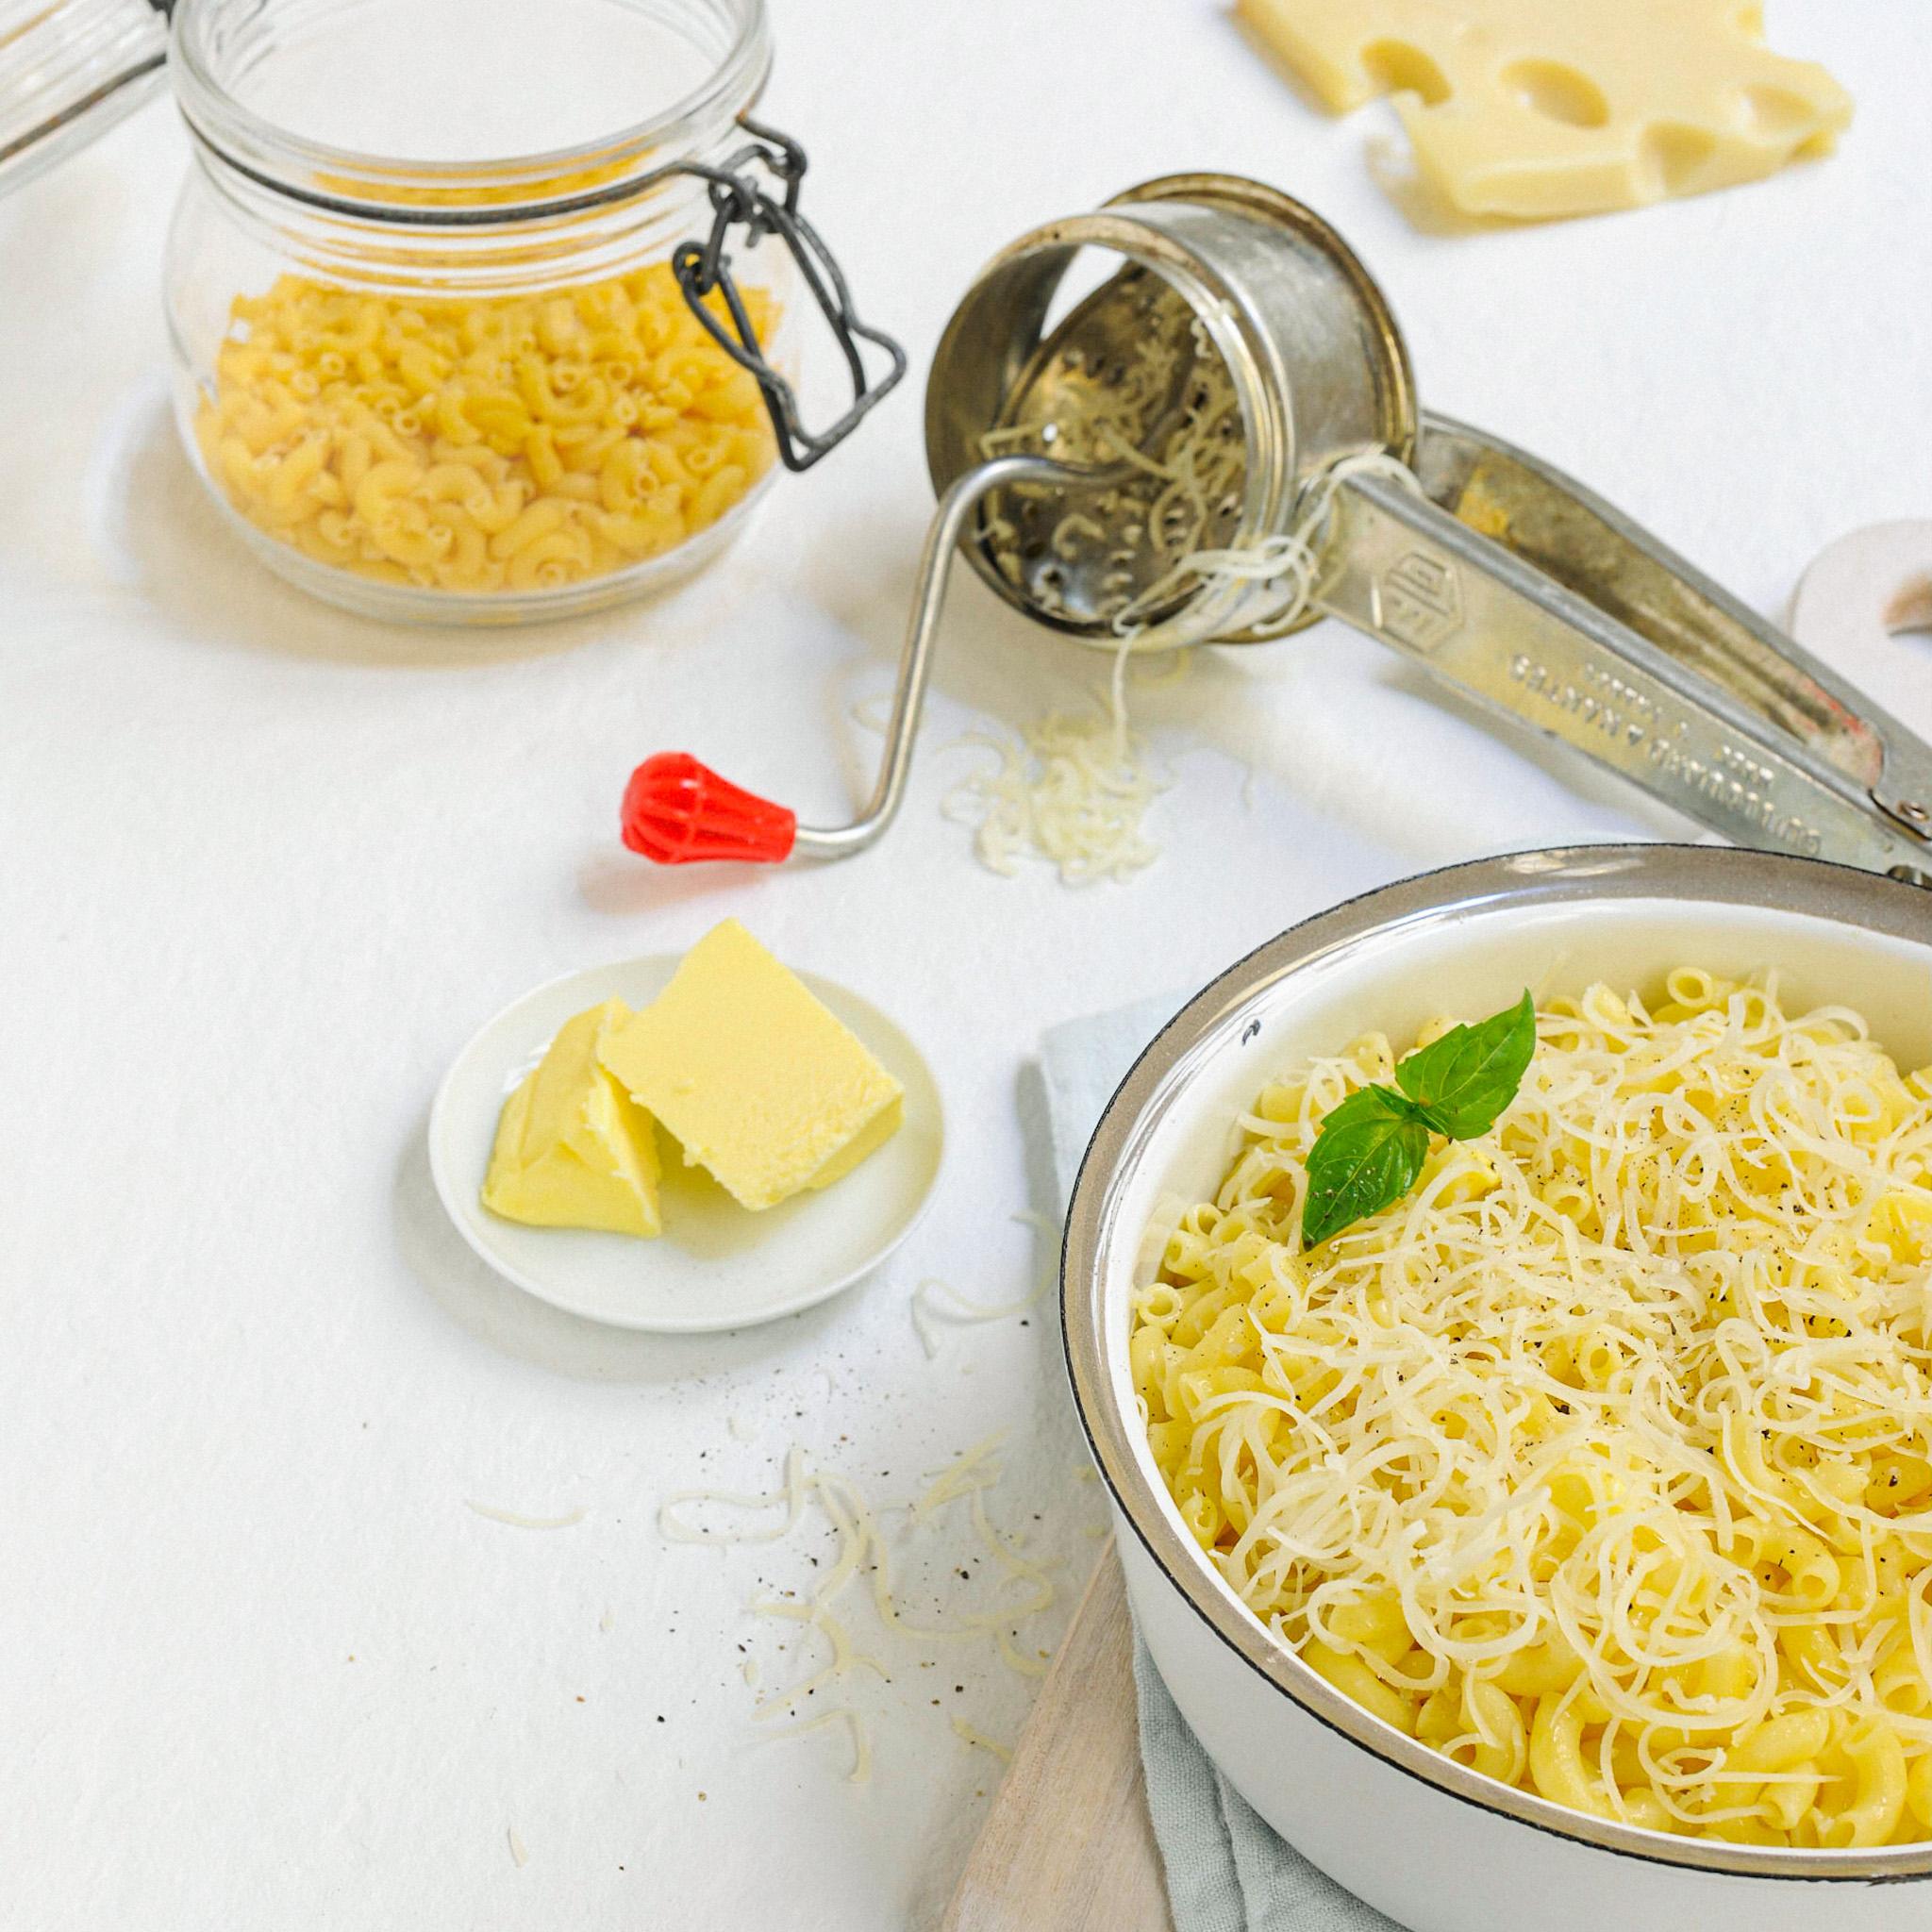 livre cuisine recette personnalisé édition labelaure agence com lyon recette coquillette beurre jambon fromage fondu